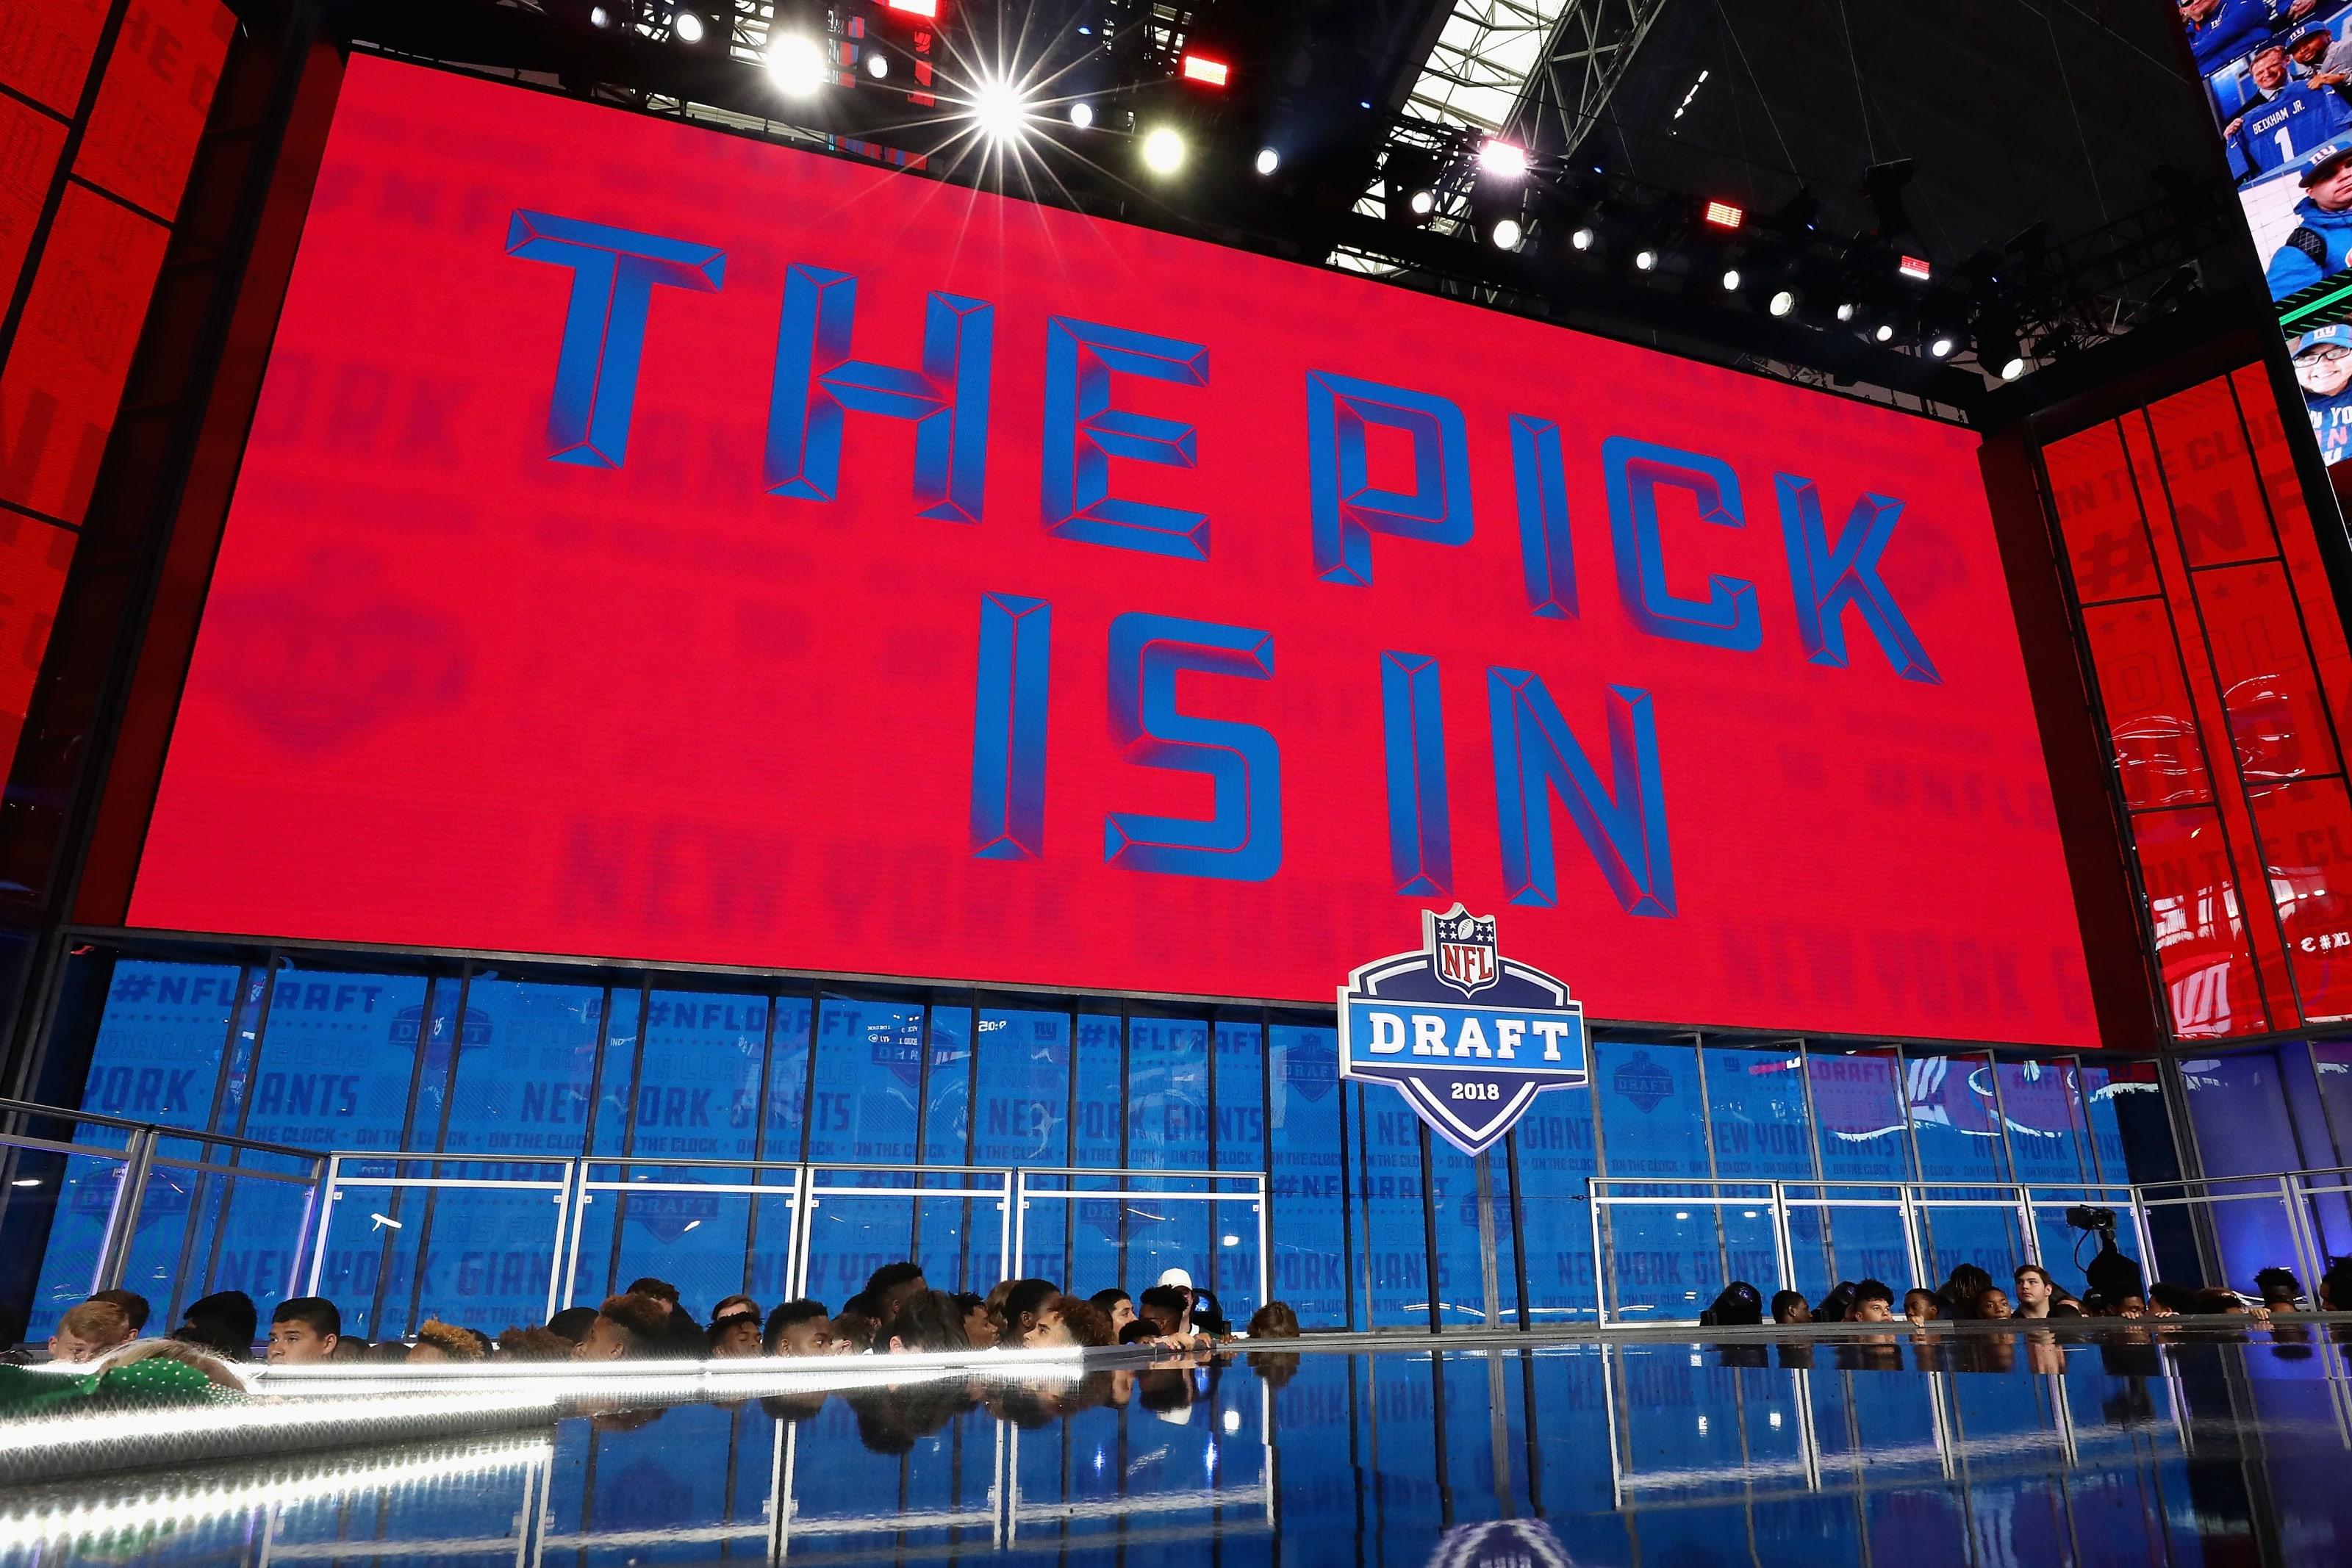 Giants draft options